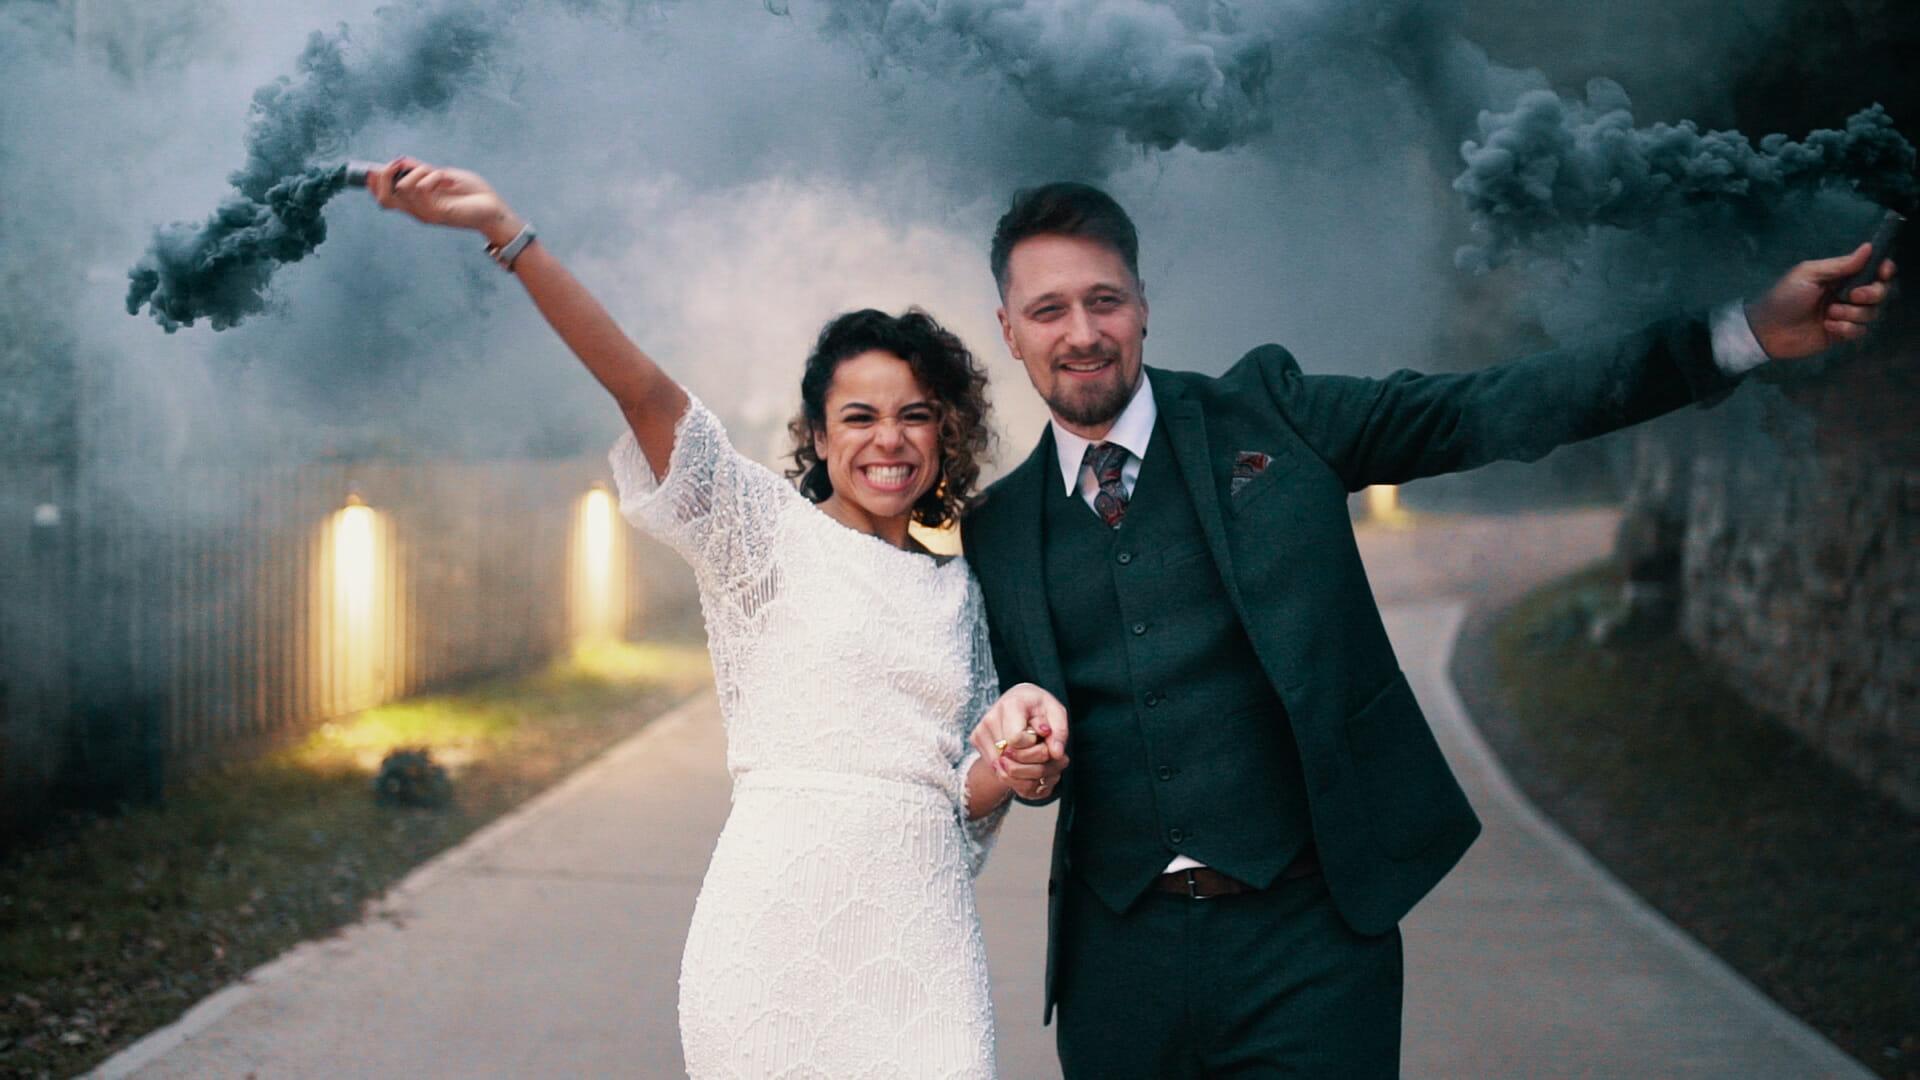 wedding smoke bombs video